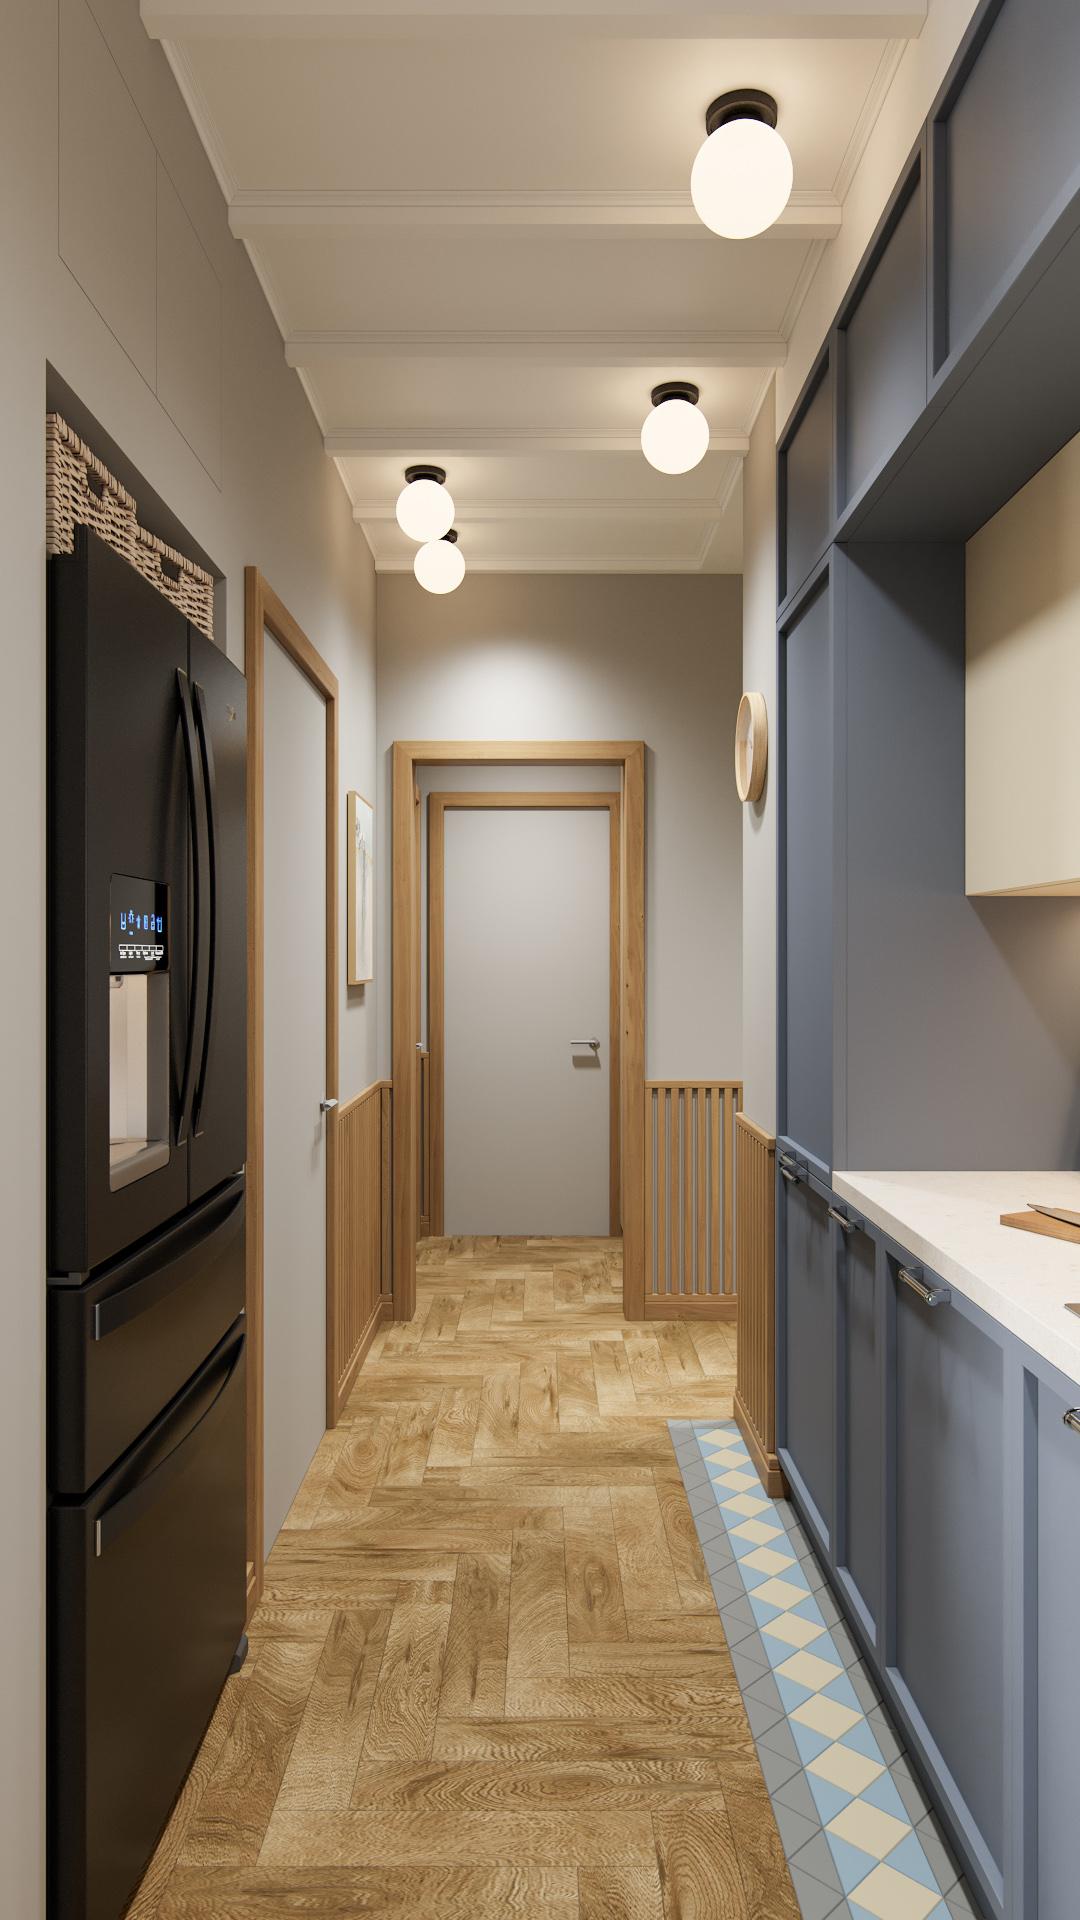 фото:В этом проекте используются скрытые межкомнатные двери, которые выкрашены в цвет стен и оформлены деревянным обрамлением из массива дерева